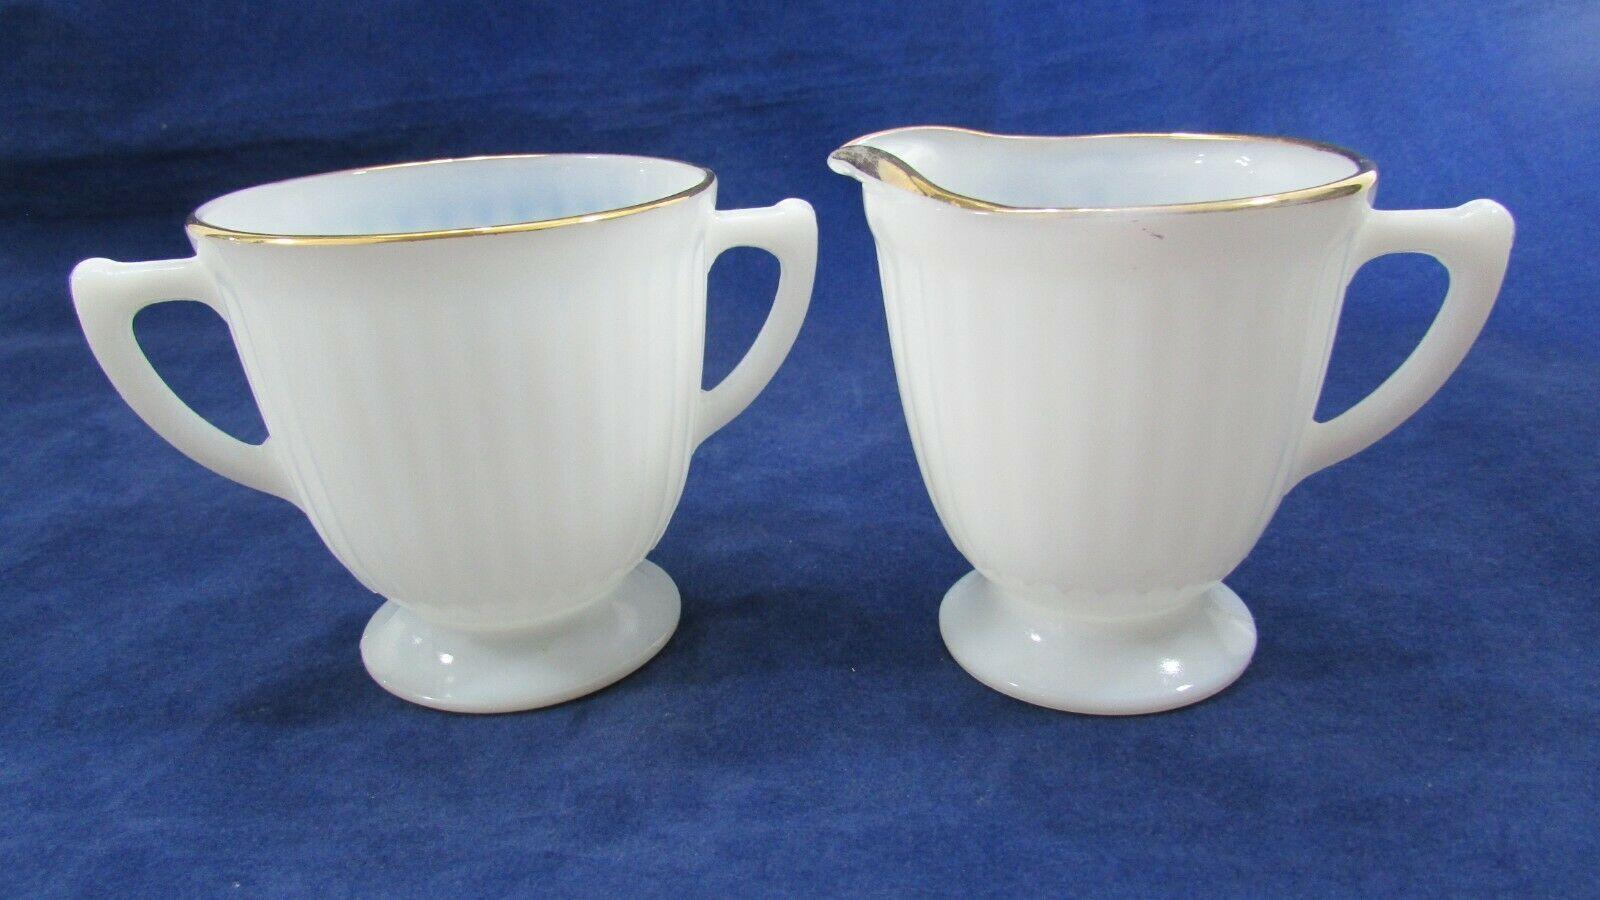 Vintage Macbeth Evans Monax Petalware Sugar and Creamer Set - $14.85